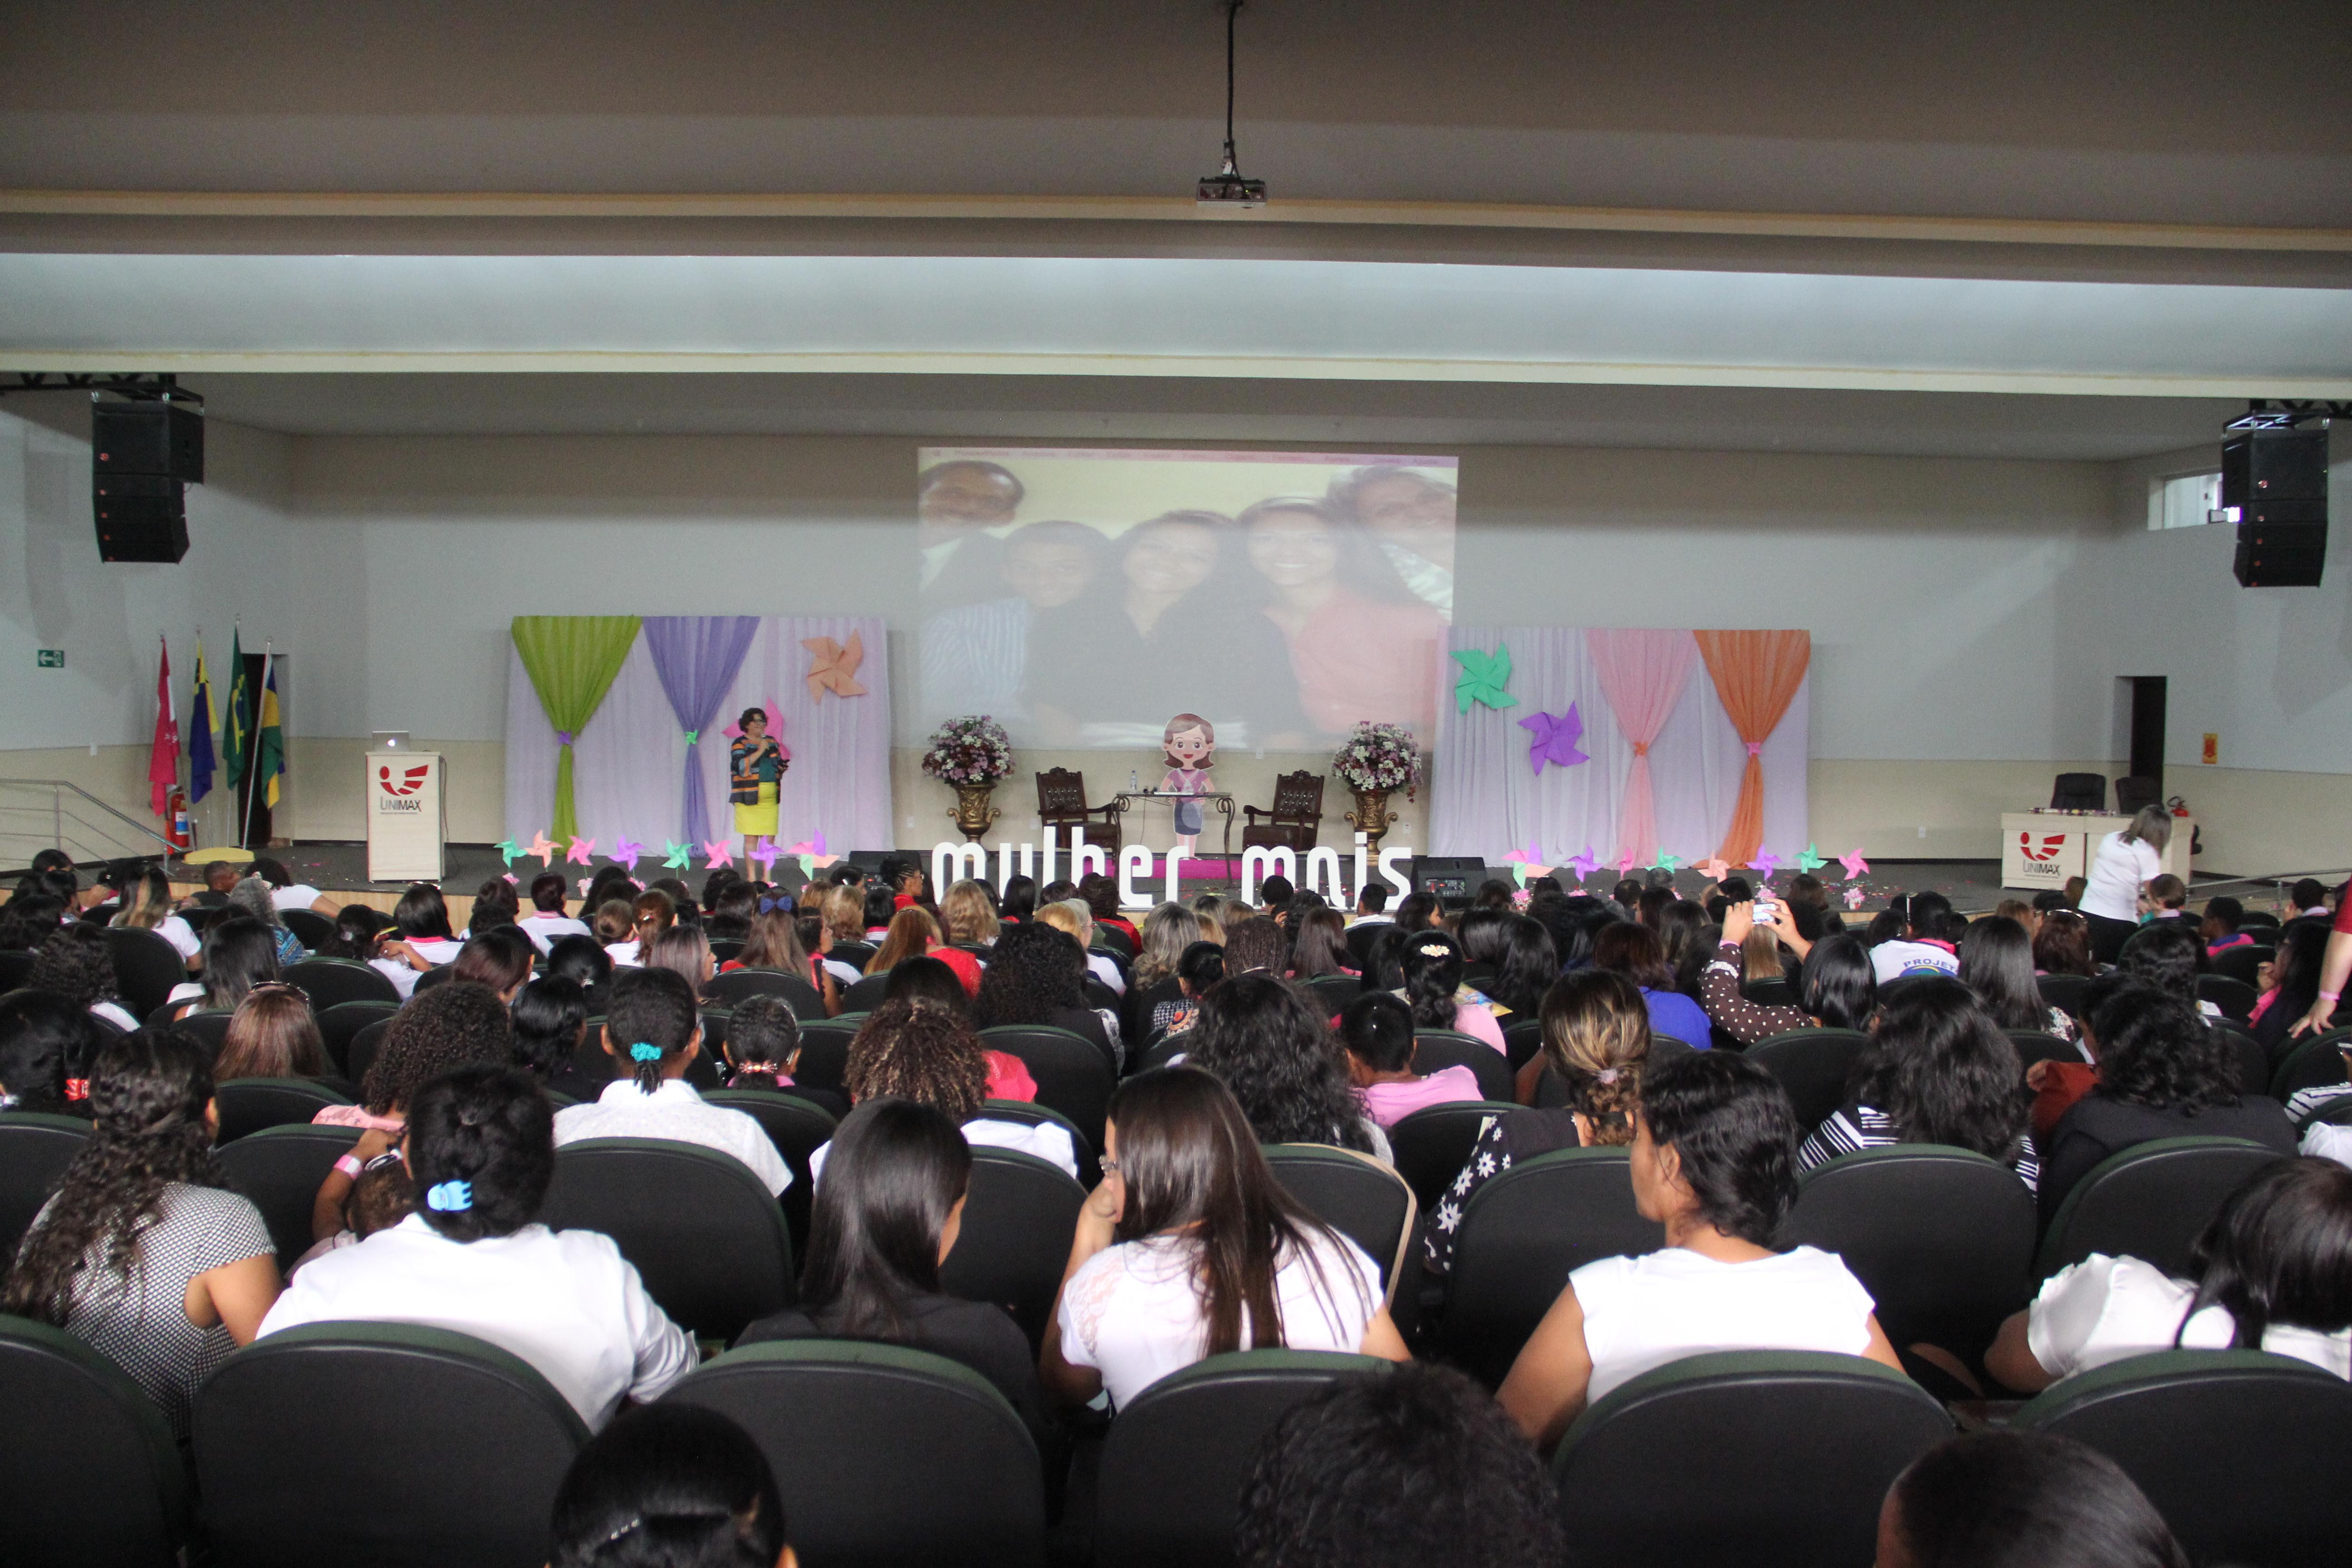 Congresso reuniu mulheres em Rio Branco, Porto Velho e em Ariquemes/ Fotos: Helder André